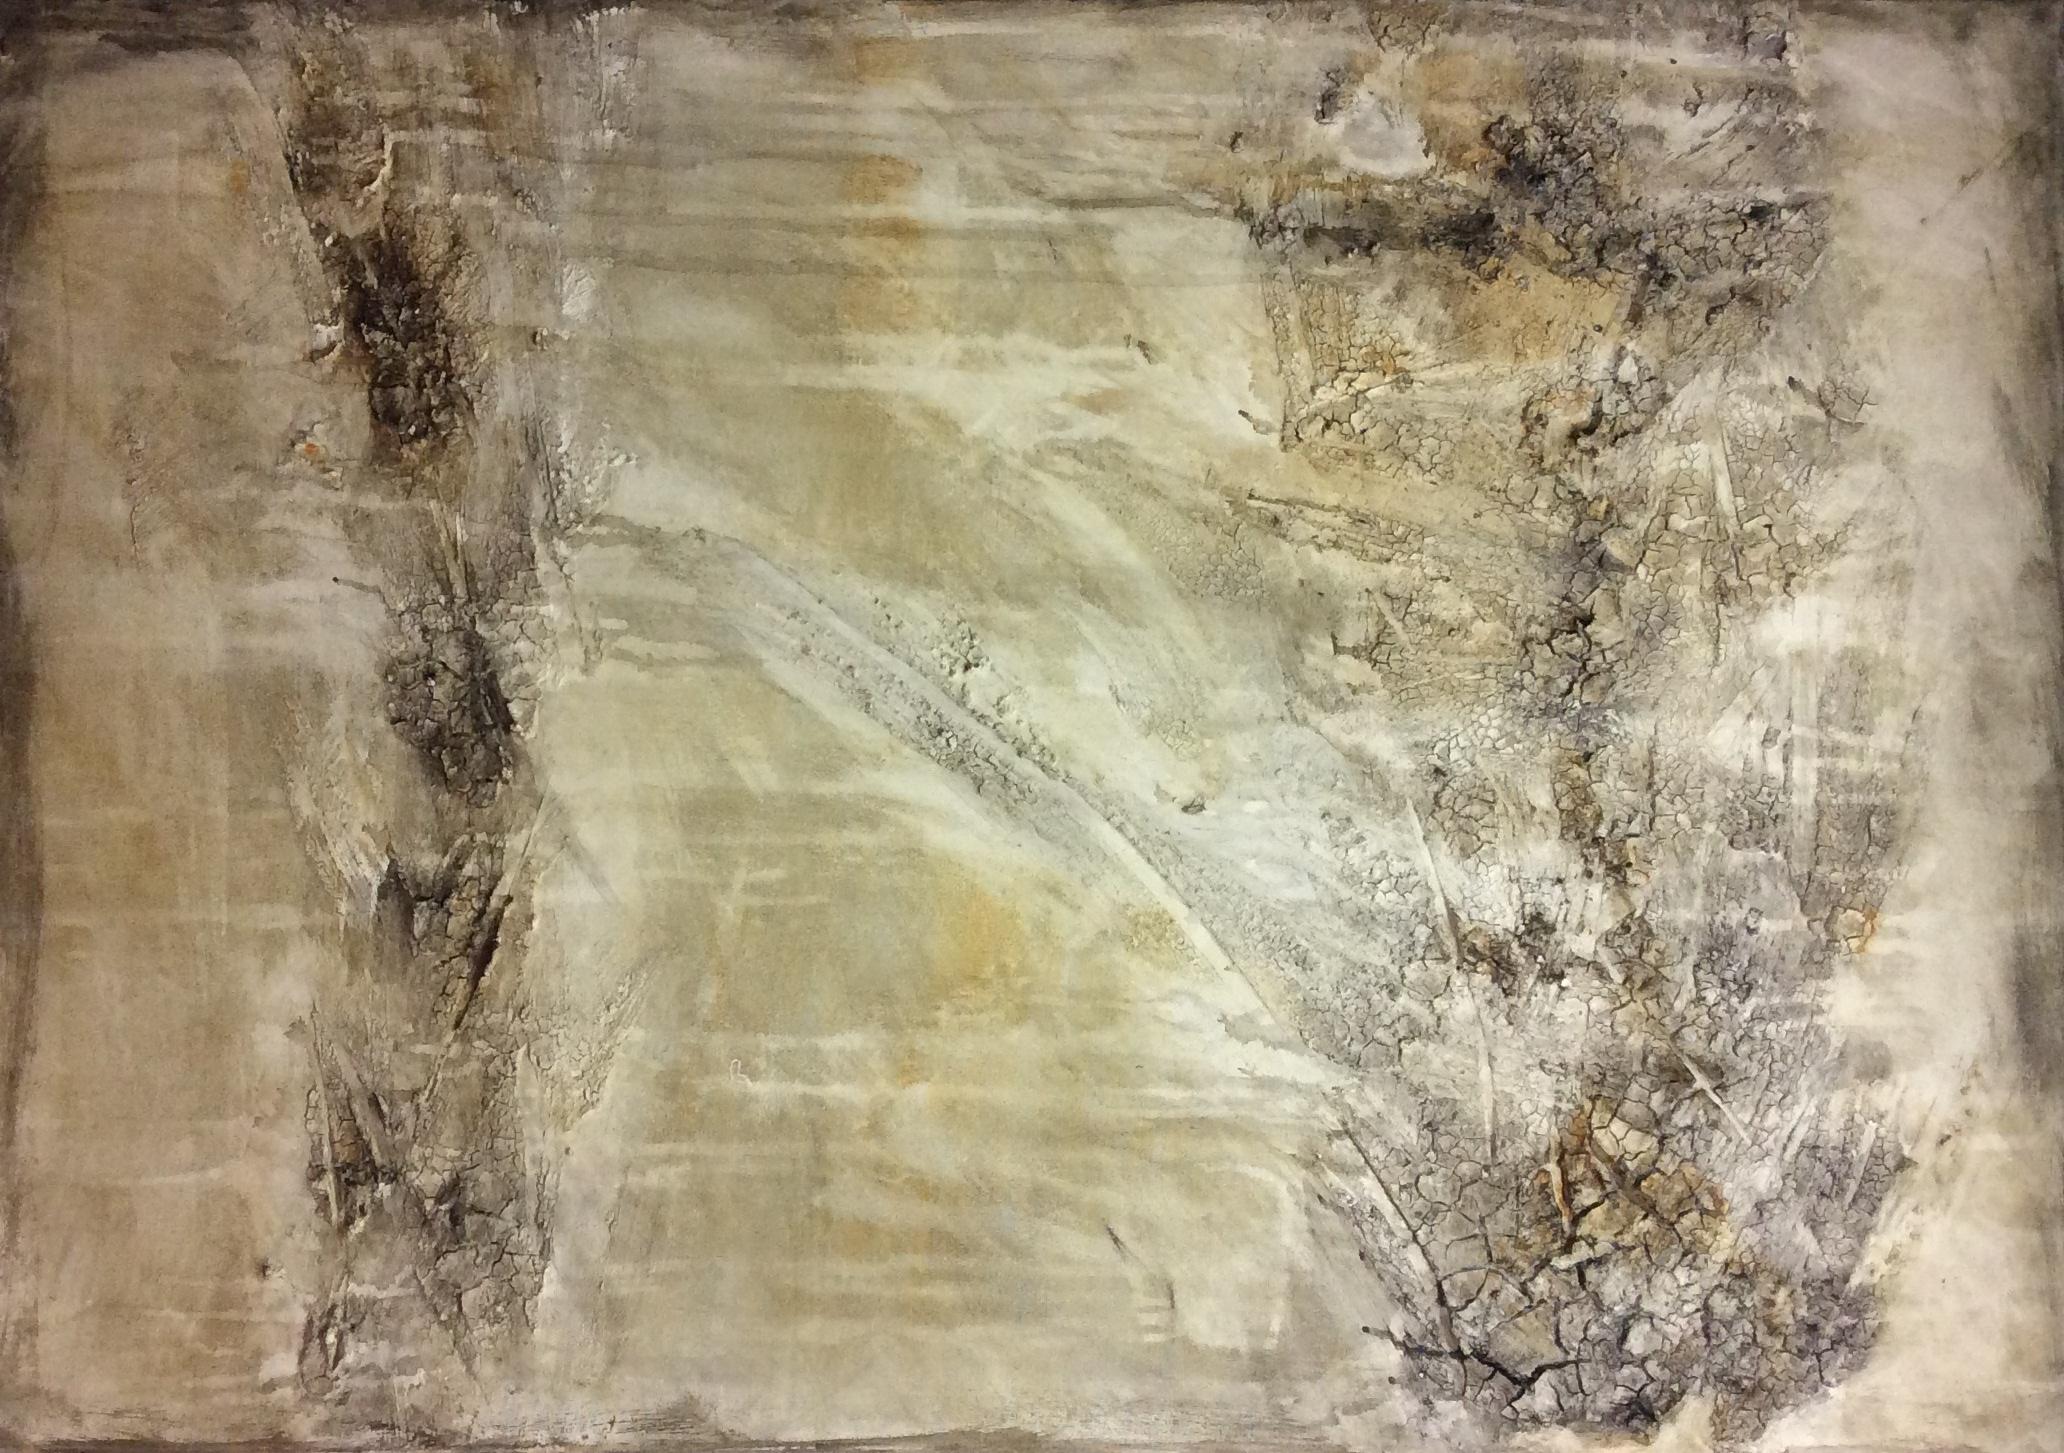 Abstract schilderij met textuur in lichte kleuren